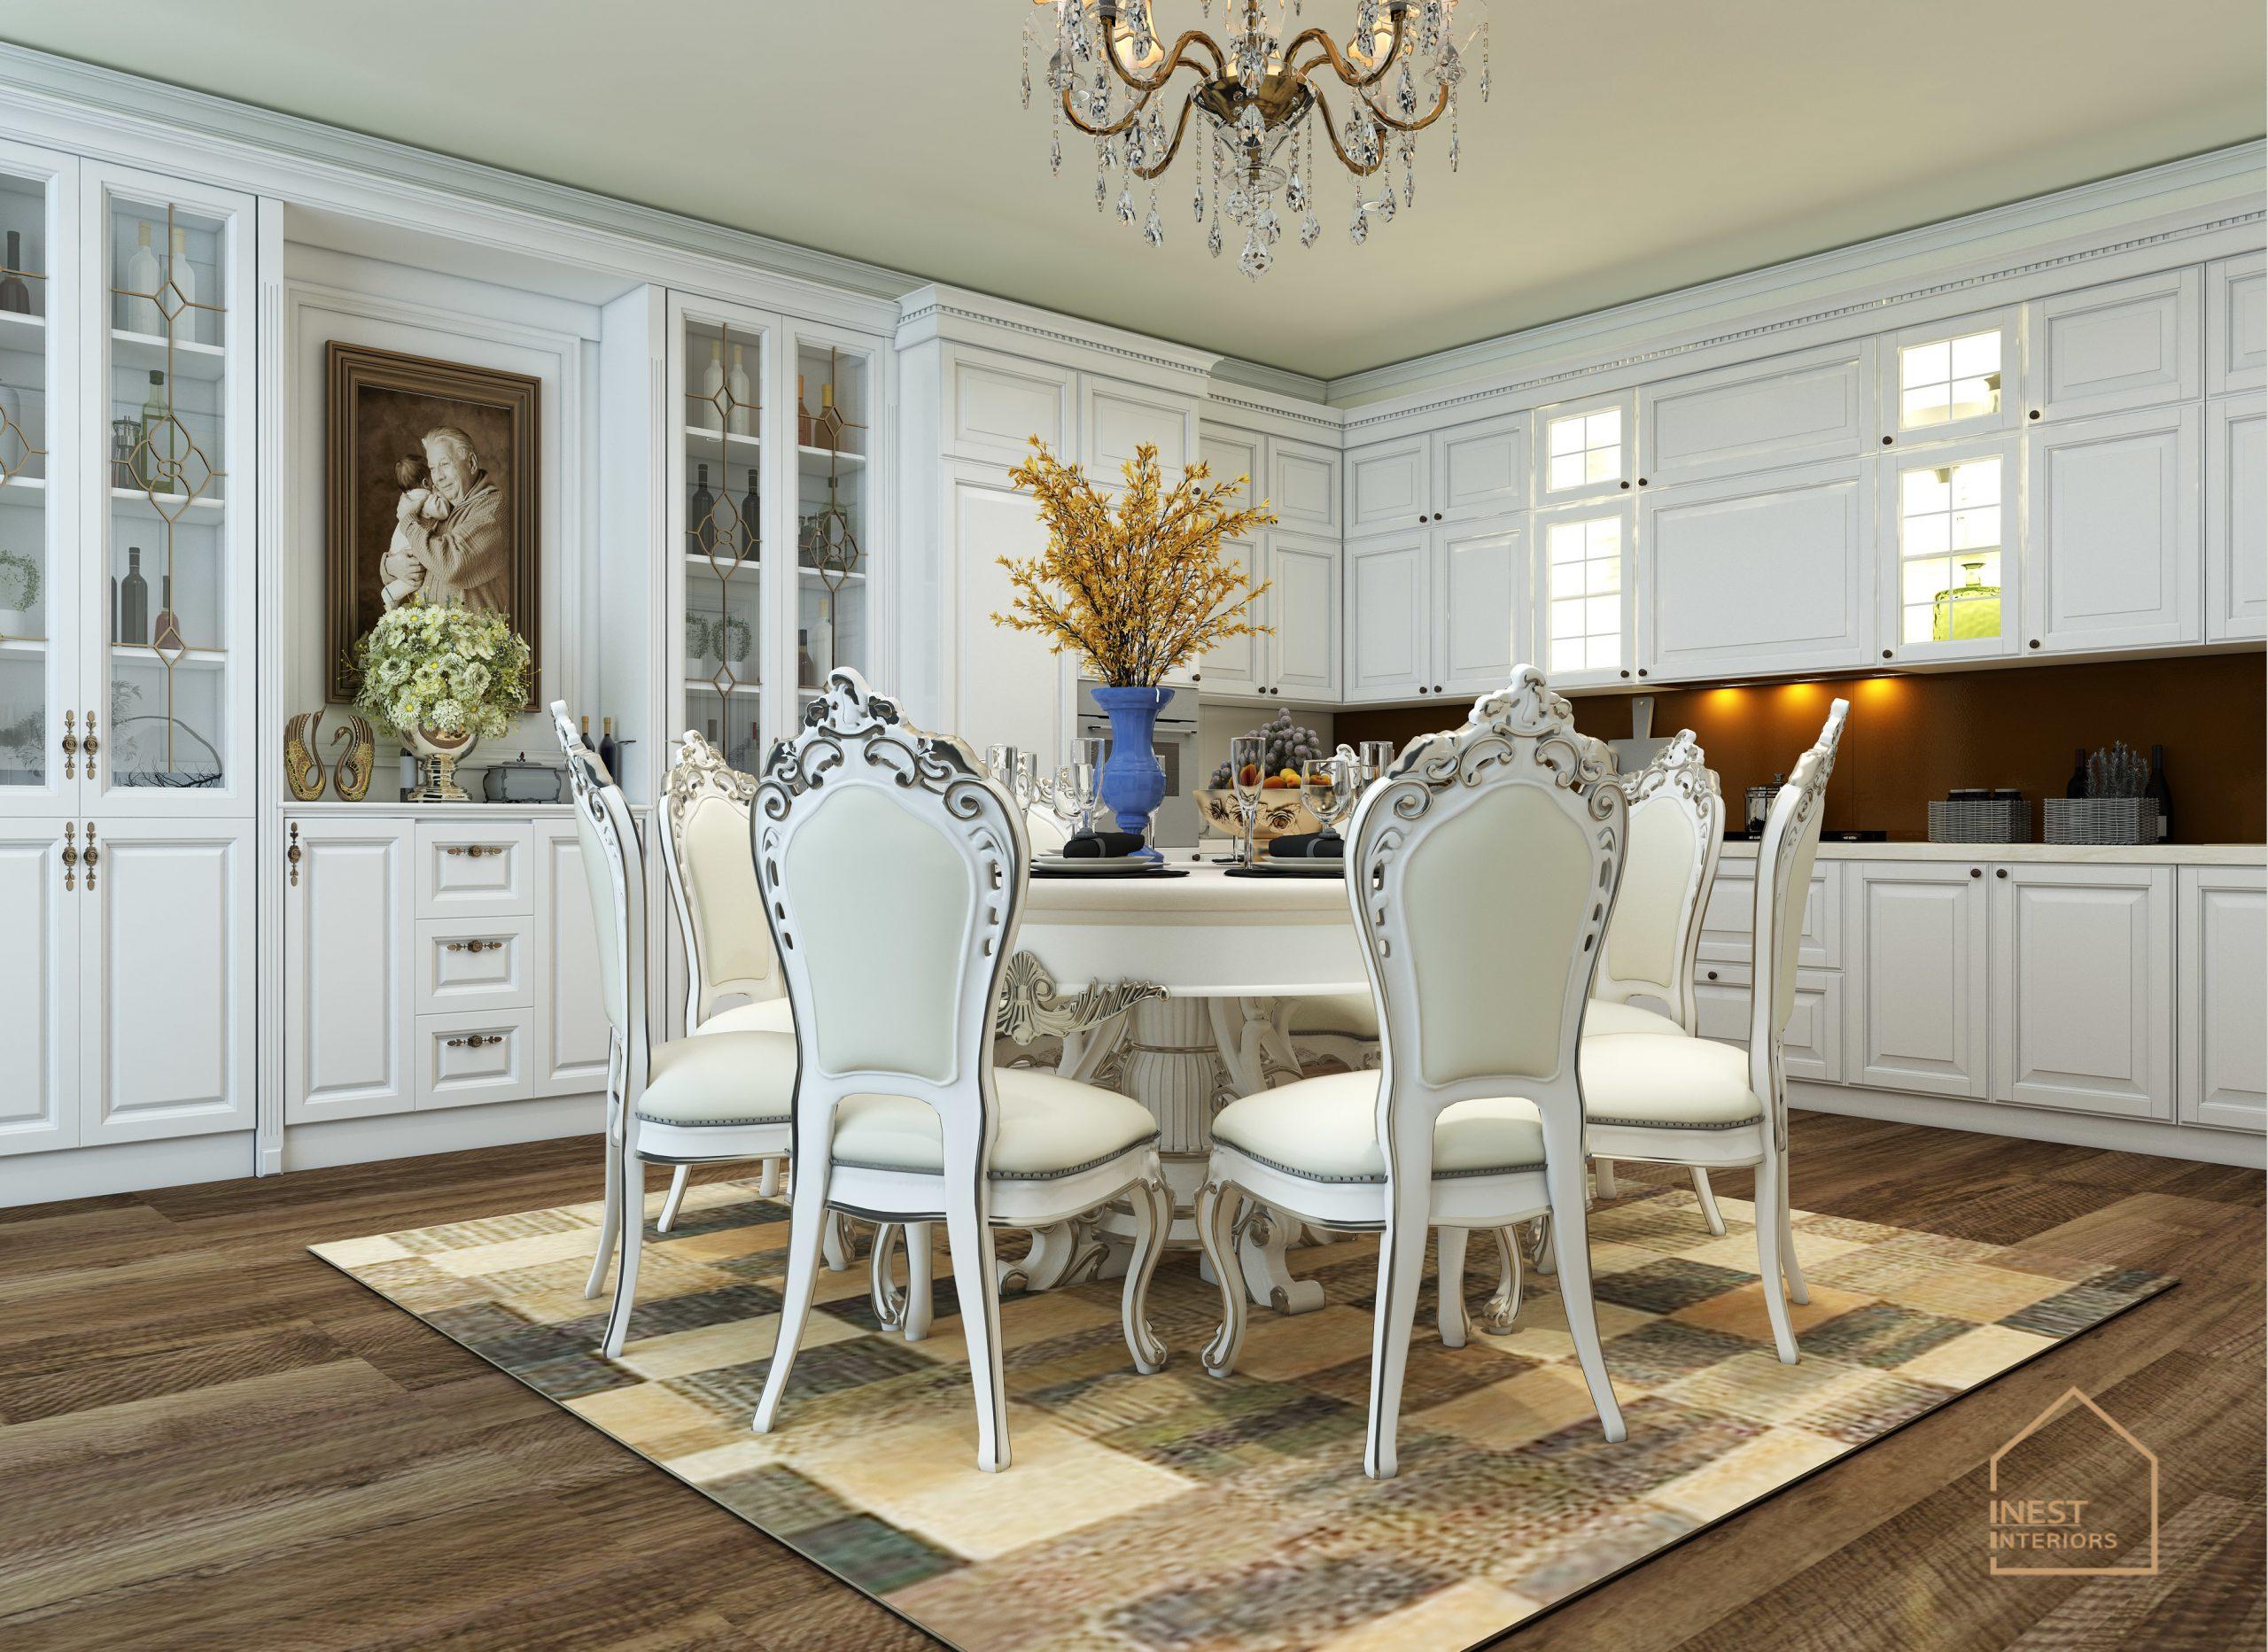 Nội thất bàn ăn màu trắng Tân cổ điển